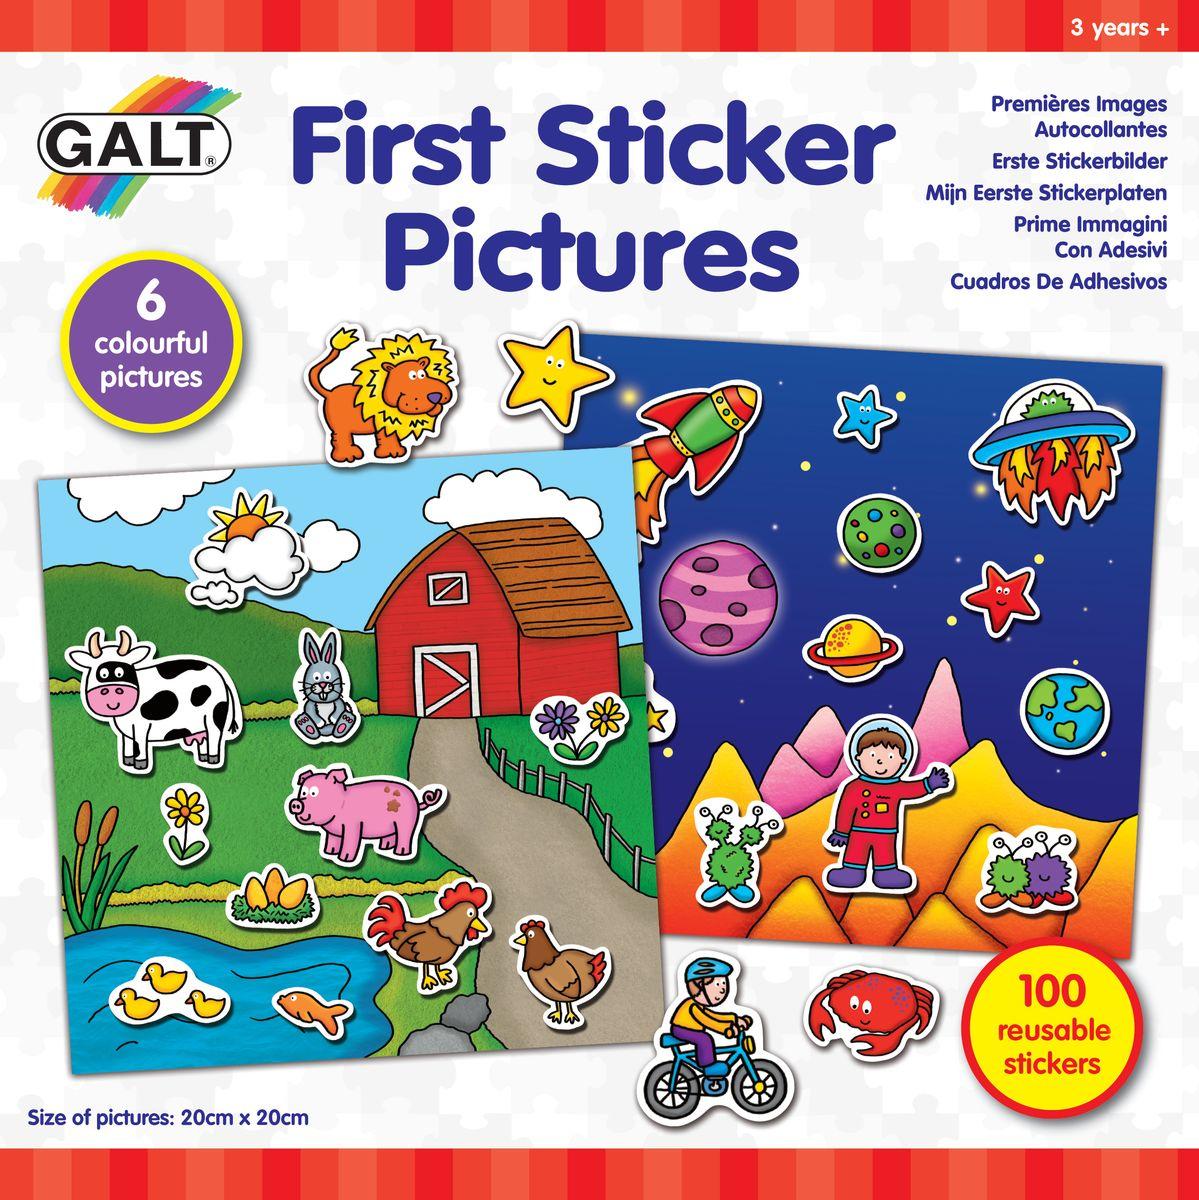 Детям понравится сочинять свои собственные истории, когда они будут наклеивать тематические стикеры на один из 6 фонов. Виниловые стикеры можно использовать несколько раз, так как их легко отклеить даже маленькому ребенку. Набор идеален для поездок. Стимулирует детское воображение и развивает мелкую моторику, а также речь. 6 картинок-фонов (размер 20 х 20); 6 картинок со 100 виниловыми стикерами.